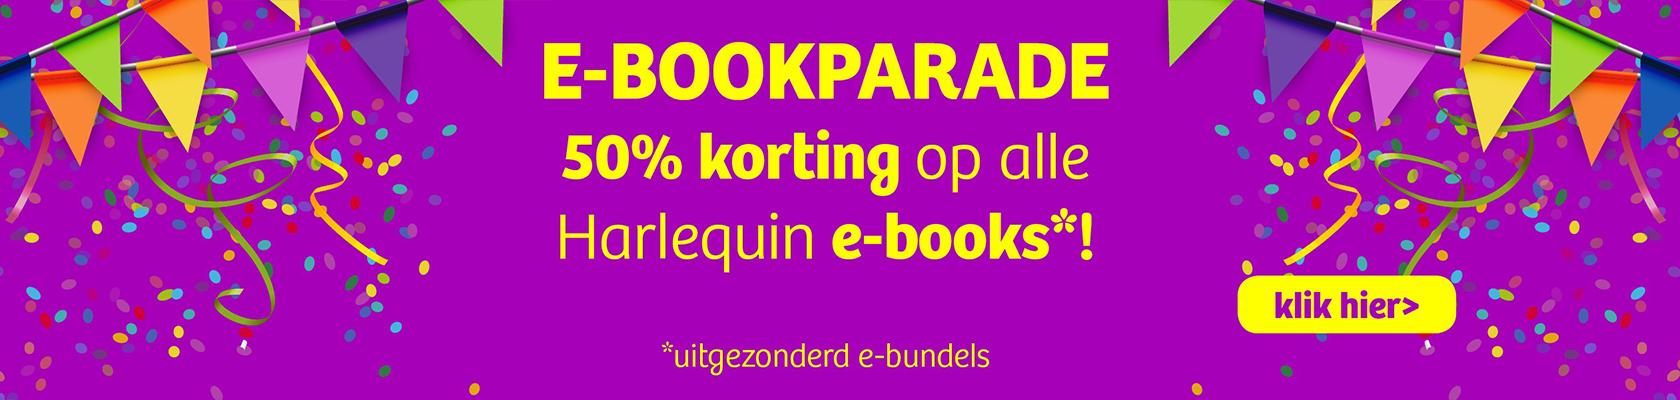 Ebookparade